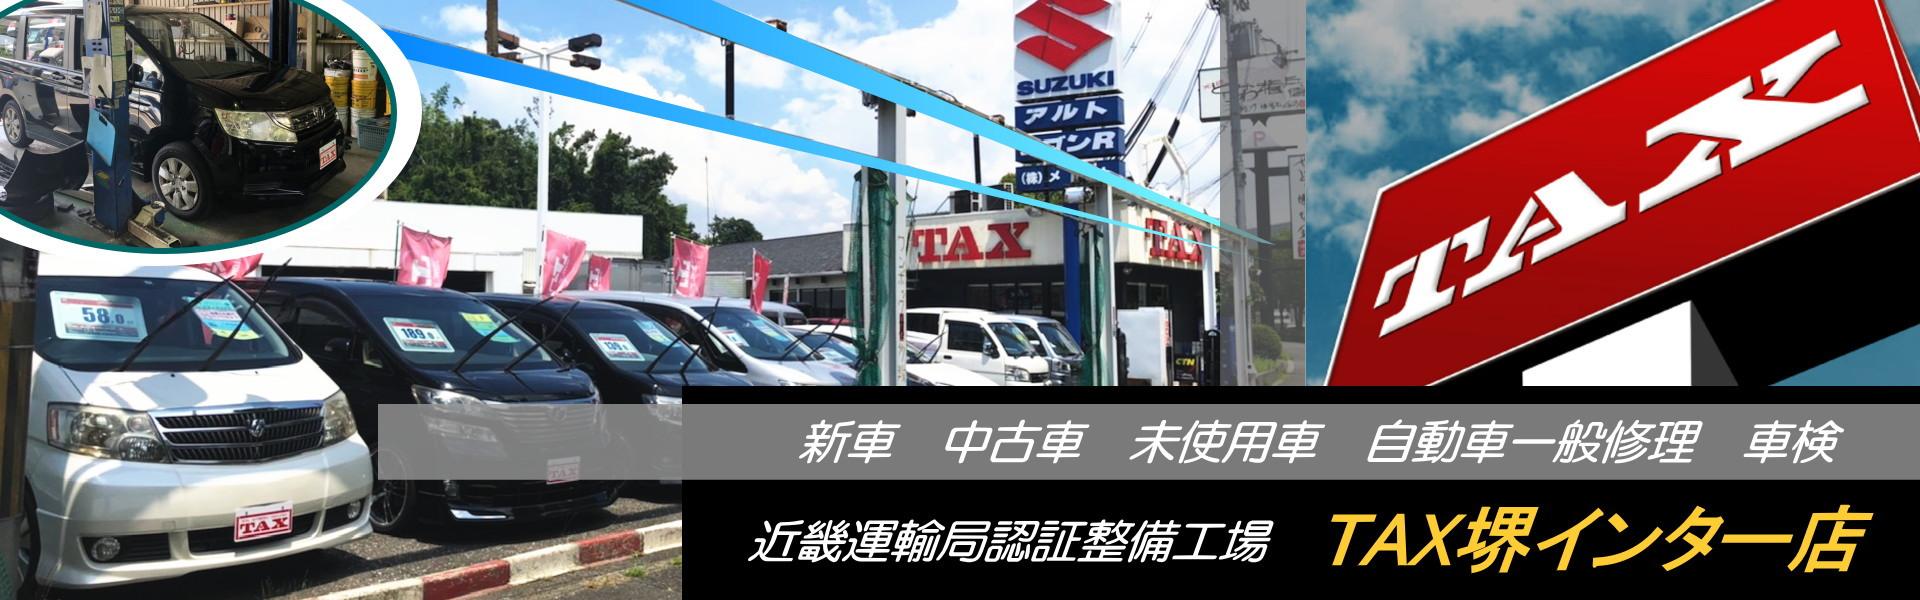 TAX堺インター店 株式会社メイト